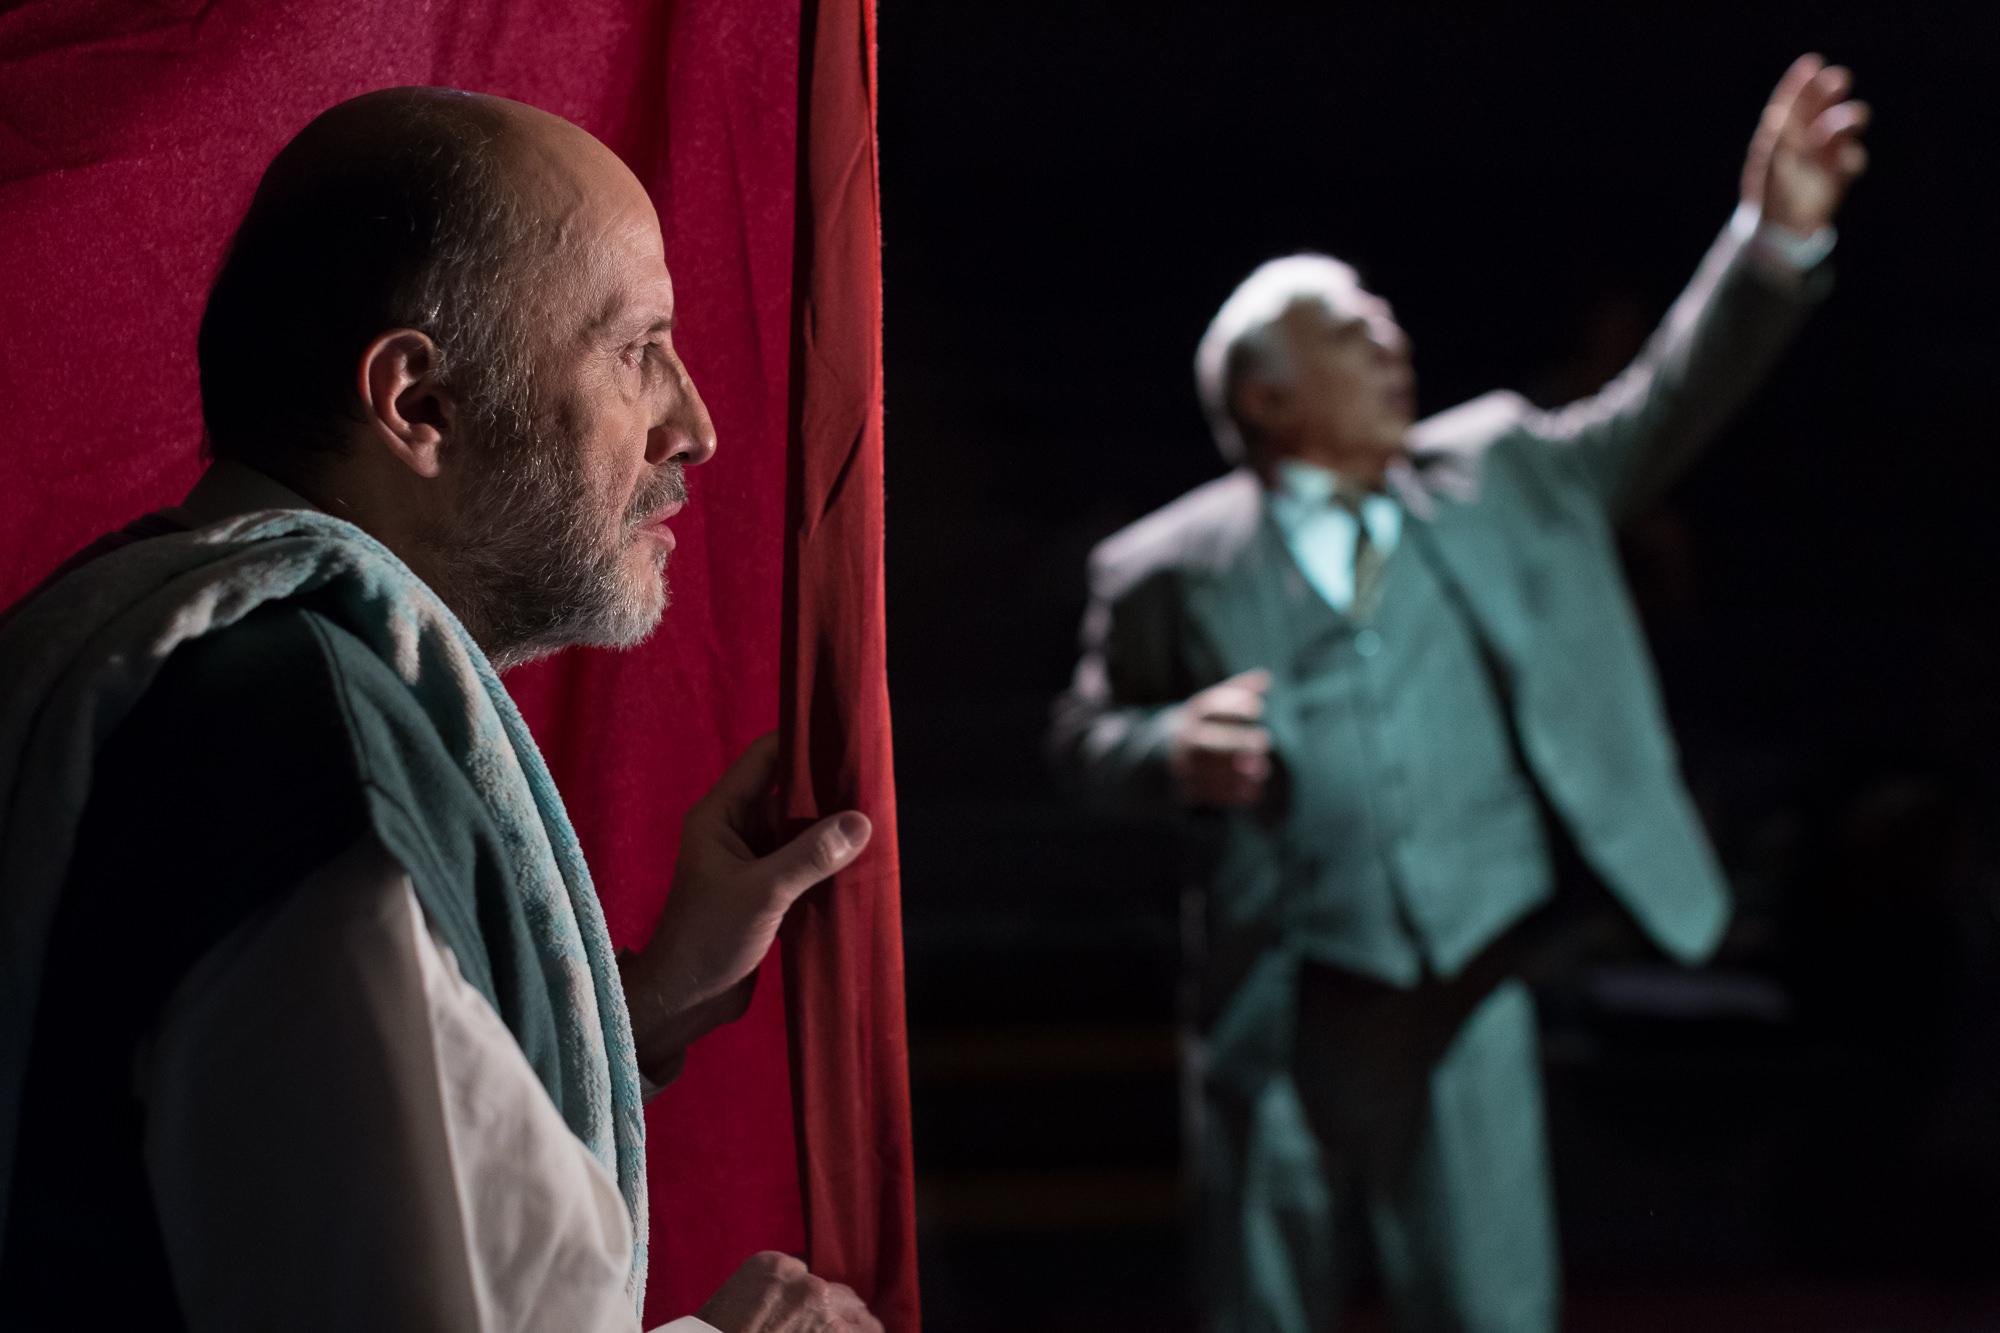 Στο ρόλο του Σερ ο Αλέξανδρος Μυλωνάς και του Αμπιγιέρ ο Μάνος Βακούσης.